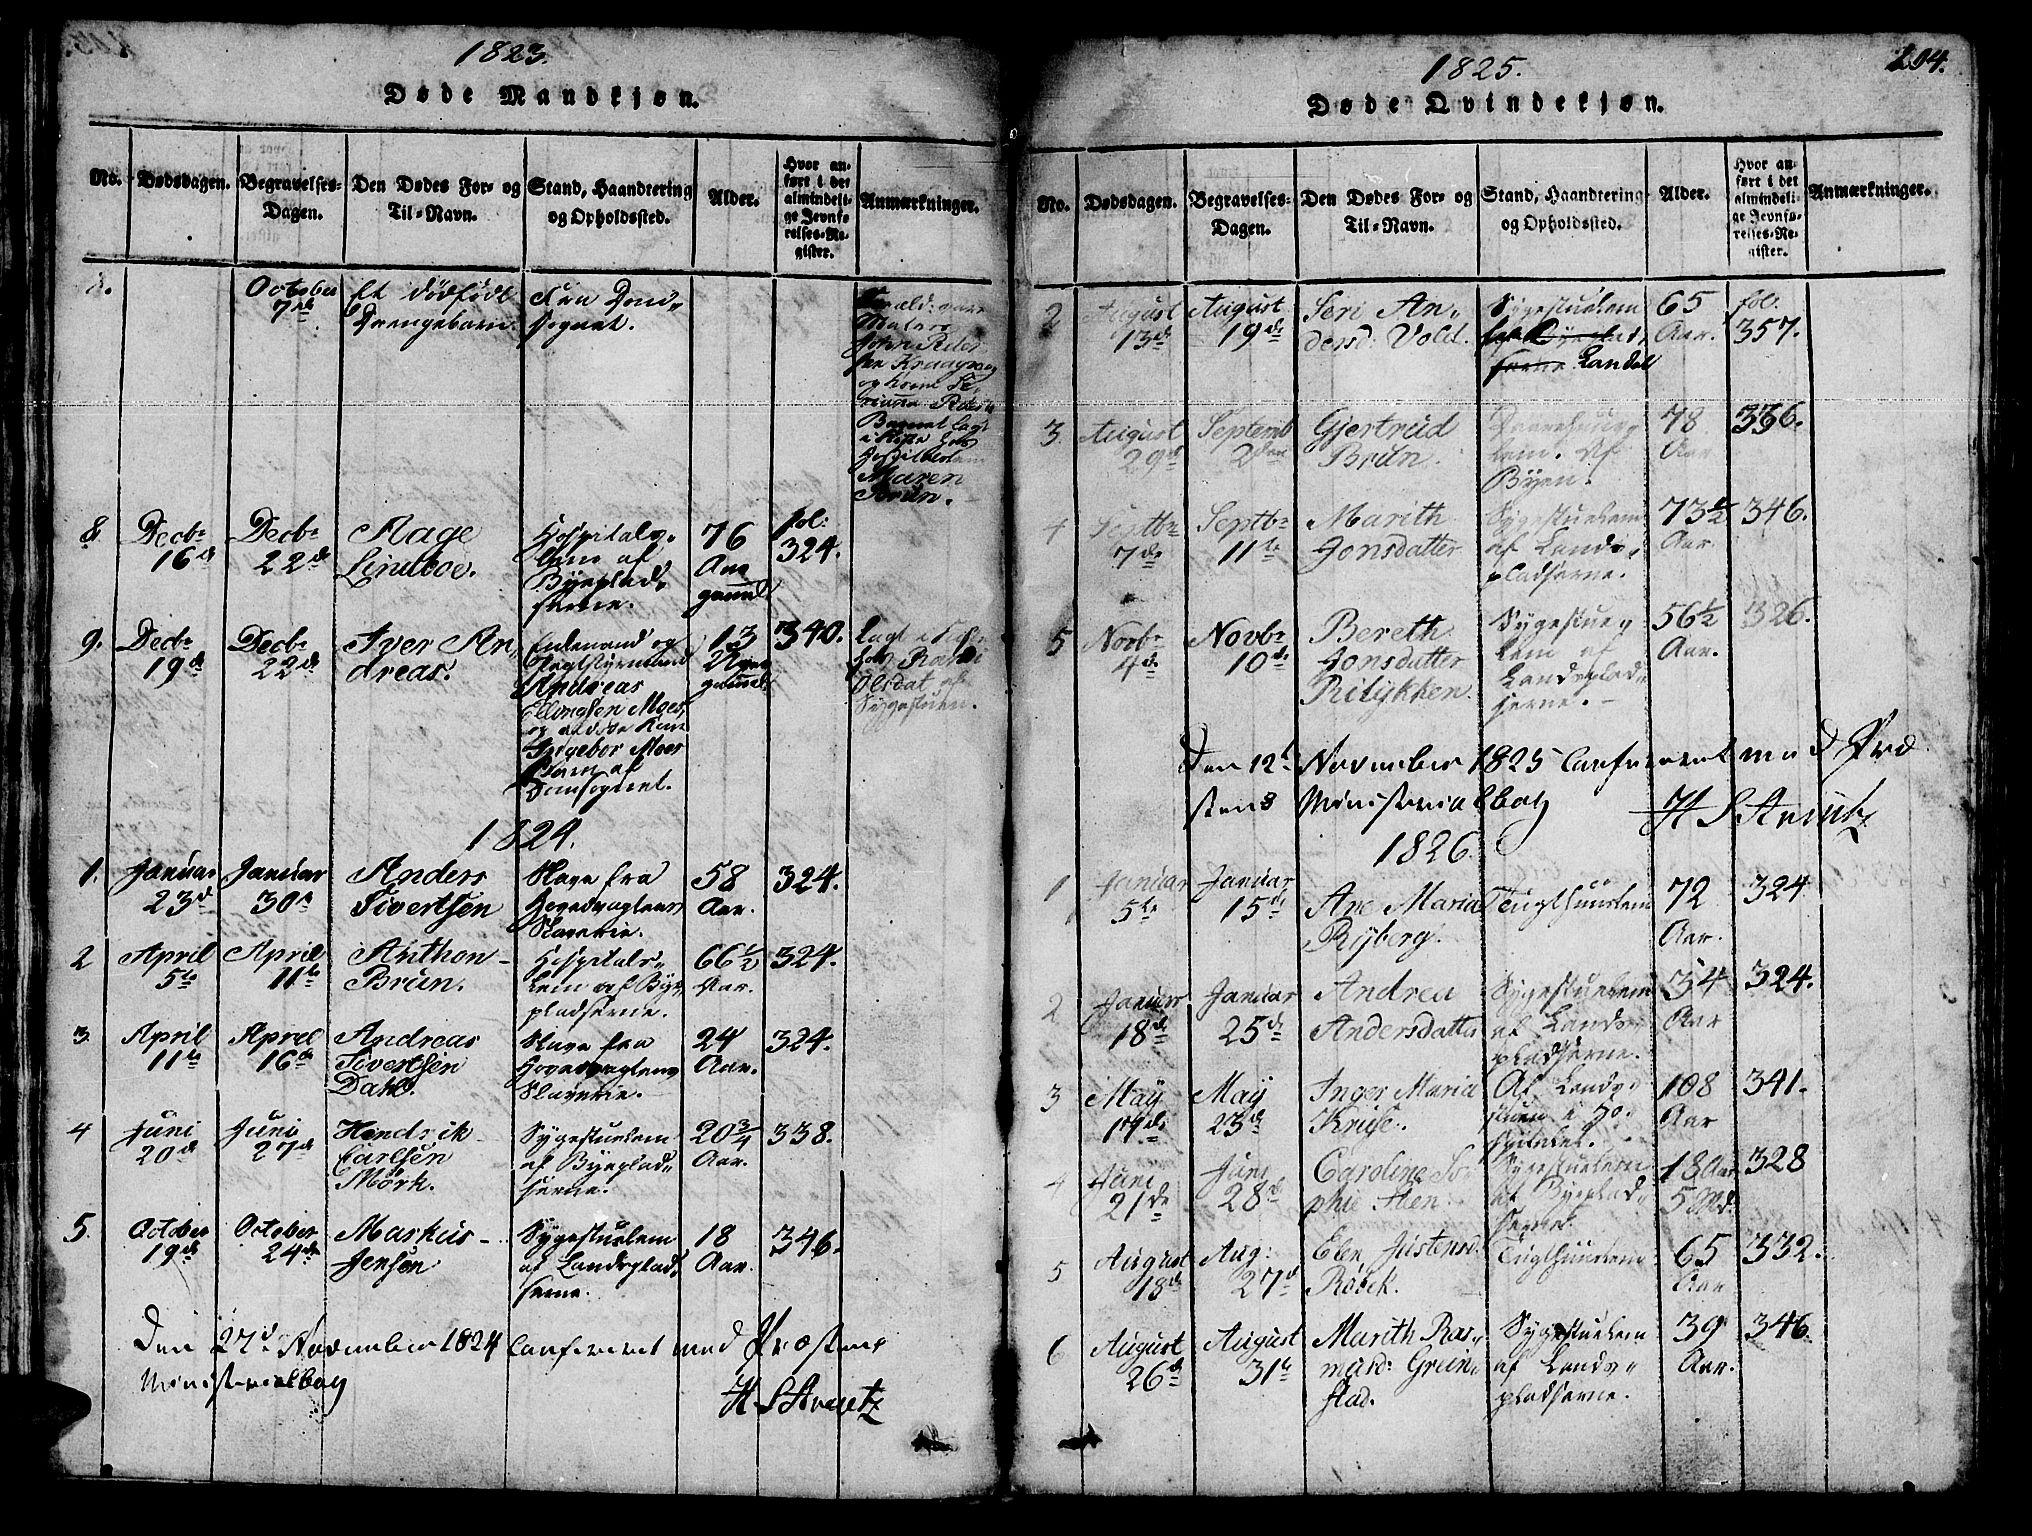 SAT, Ministerialprotokoller, klokkerbøker og fødselsregistre - Sør-Trøndelag, 623/L0478: Klokkerbok nr. 623C01, 1815-1873, s. 104